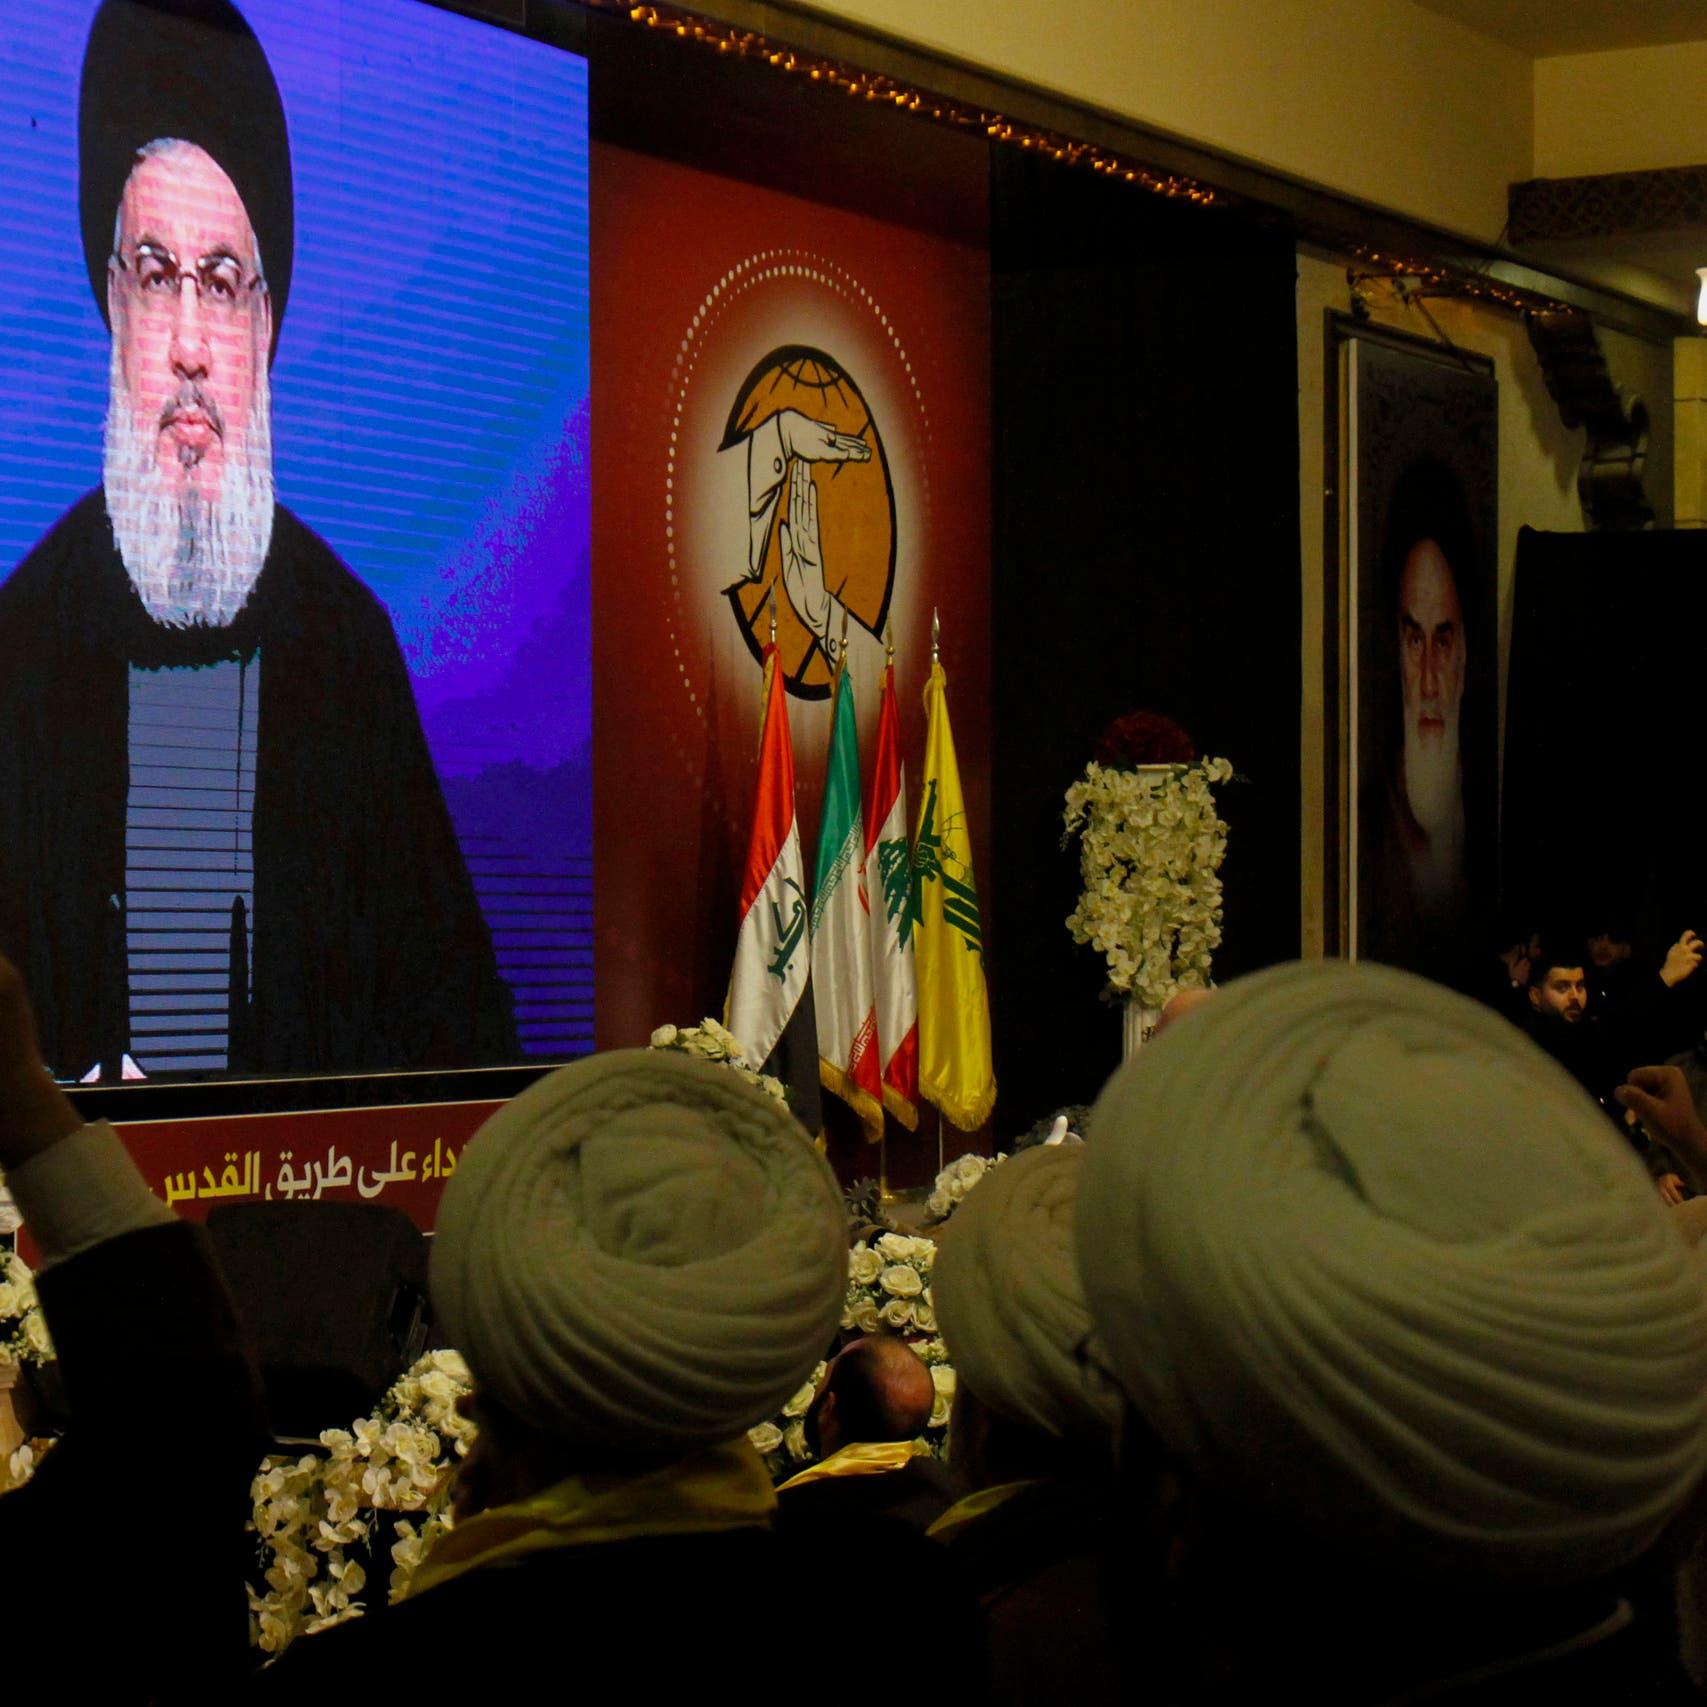 دعوى في لبنان ضد فساد حزب الله.. ومحامٍ يشرح